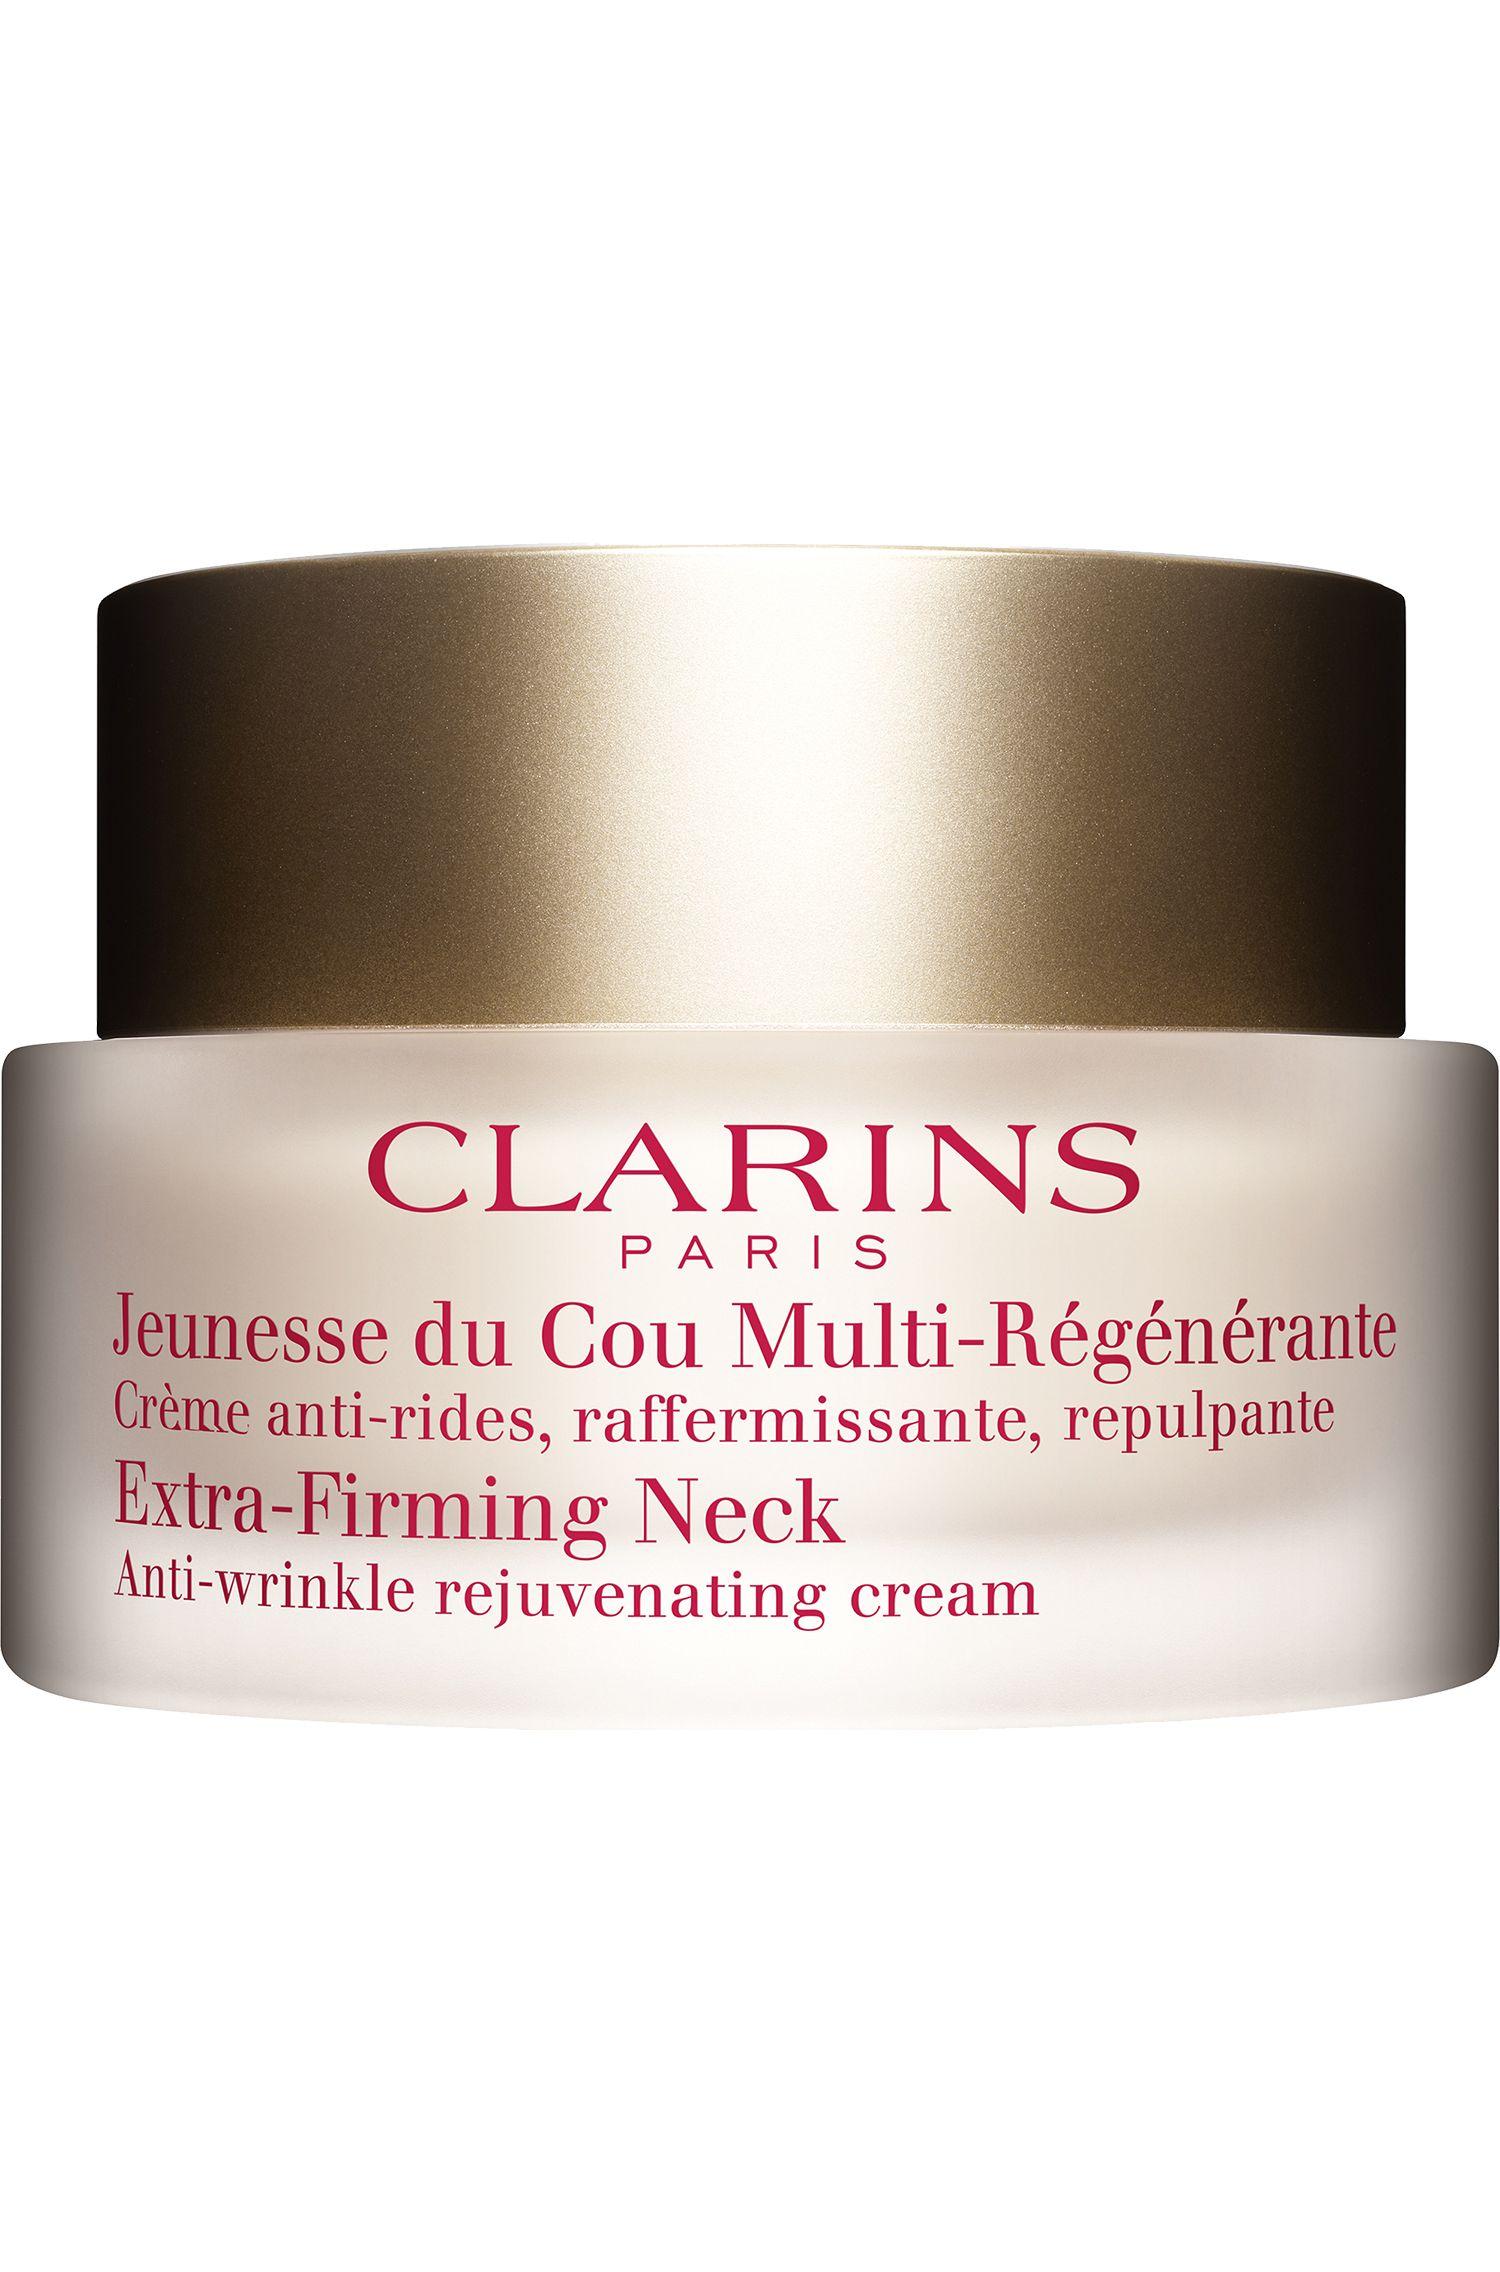 Blissim : Clarins - Crème anti-rides raffermissante Jeunesse du Cou Multi-Régénérante - Crème anti-rides raffermissante Jeunesse du Cou Multi-Régénérante